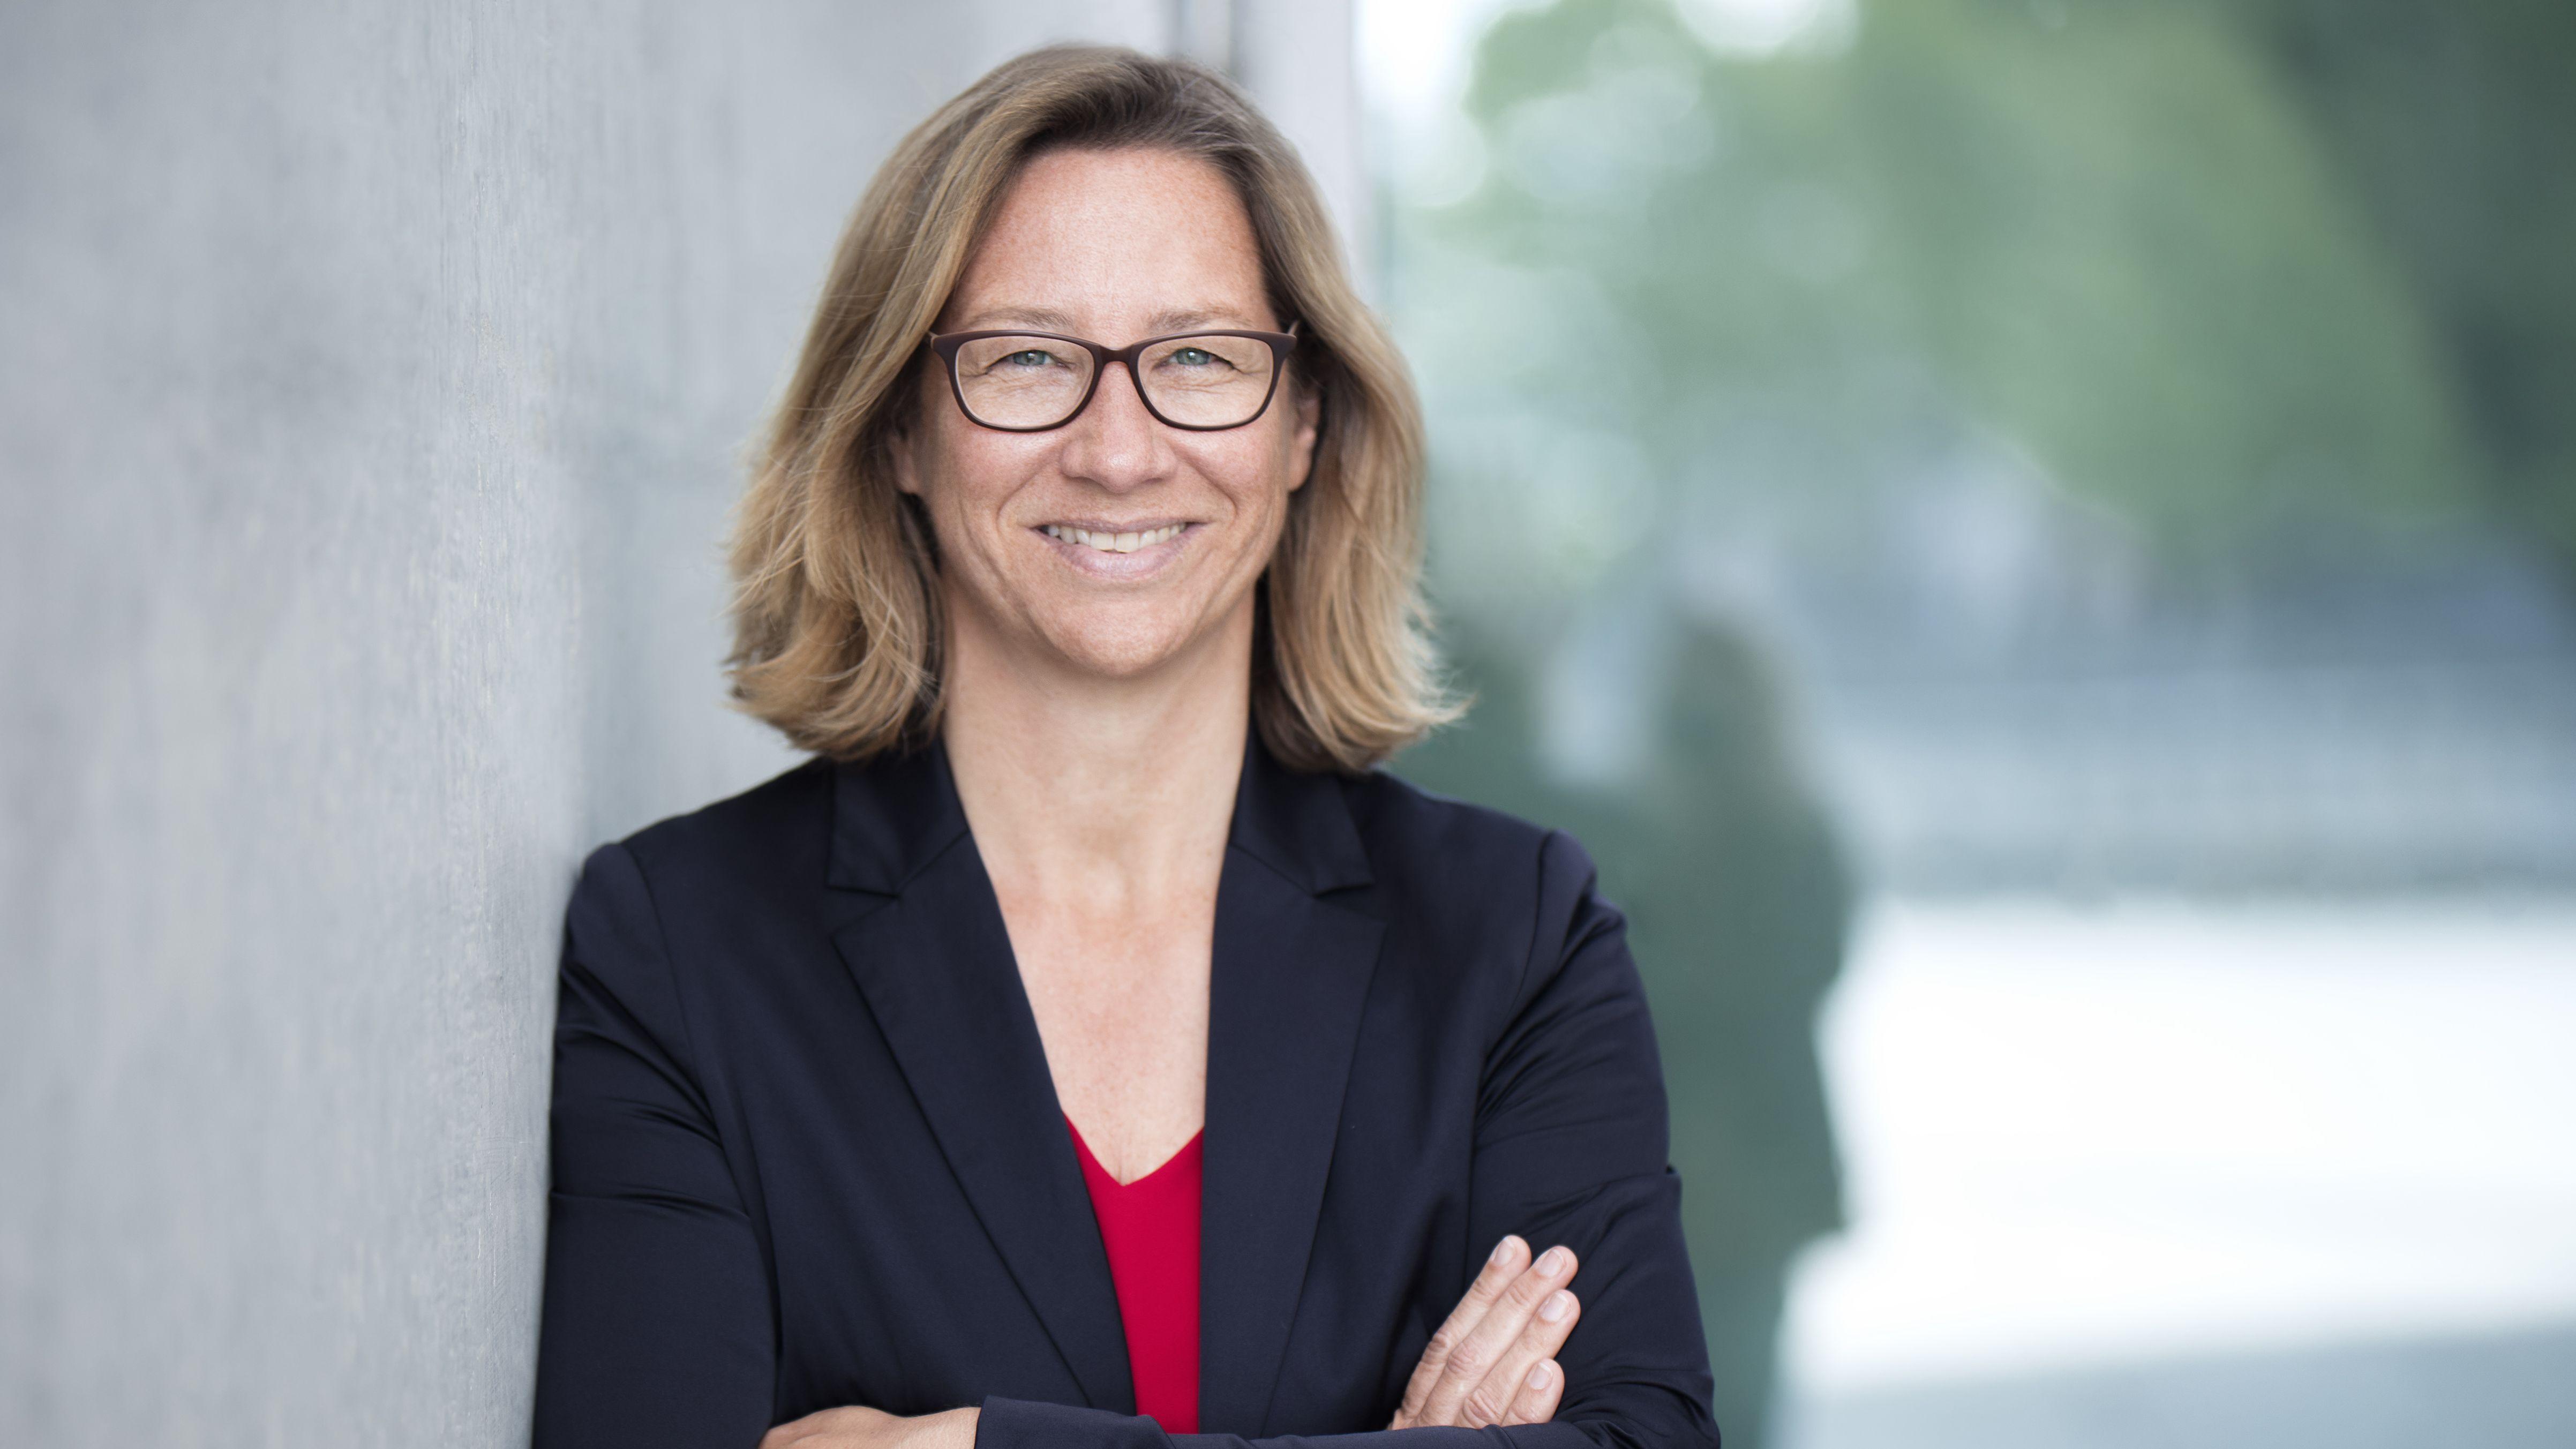 Neue Chefin für Edelman: Christiane Schulz meldet sich zurück